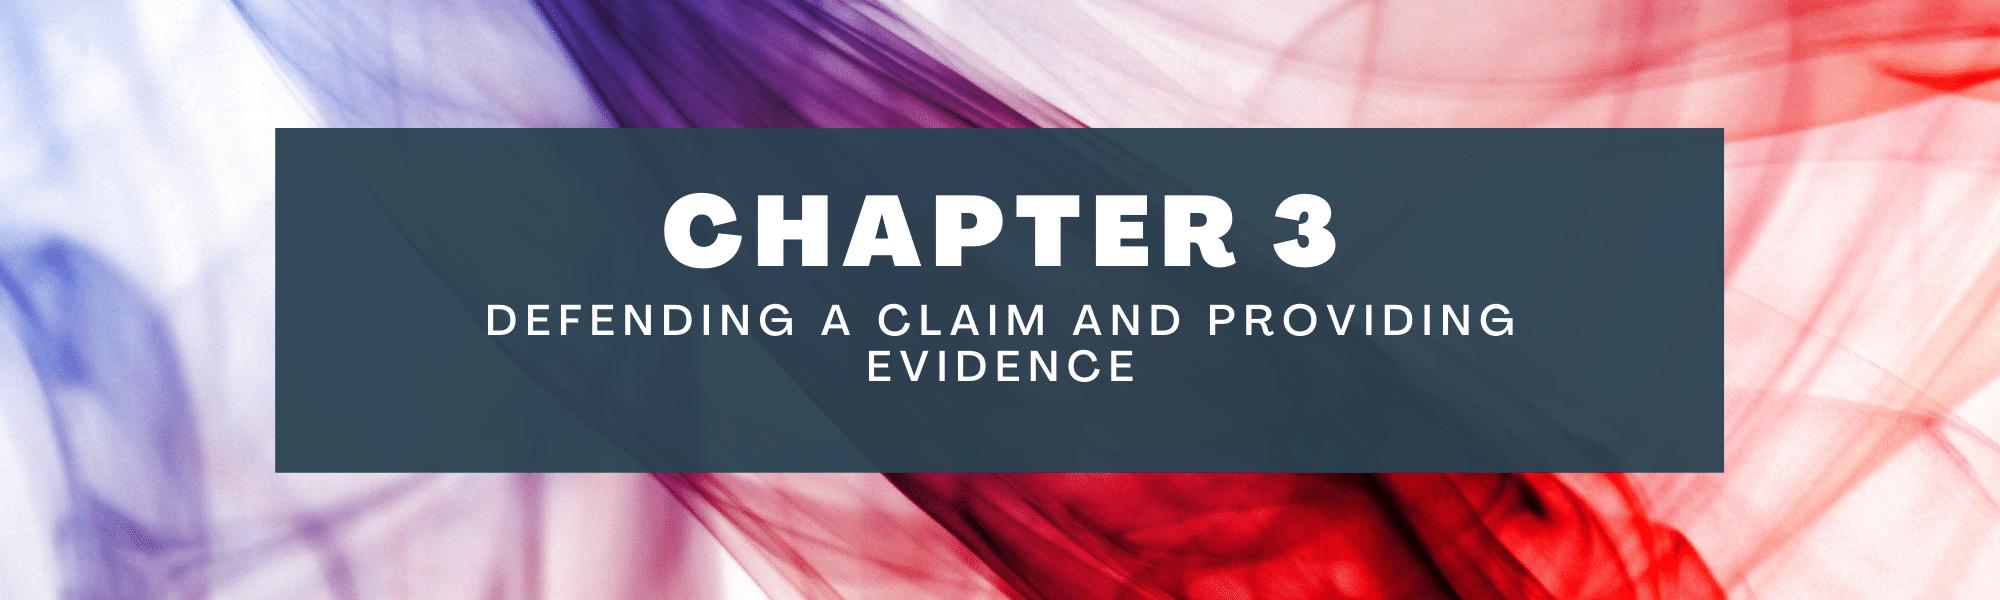 Defending a claim